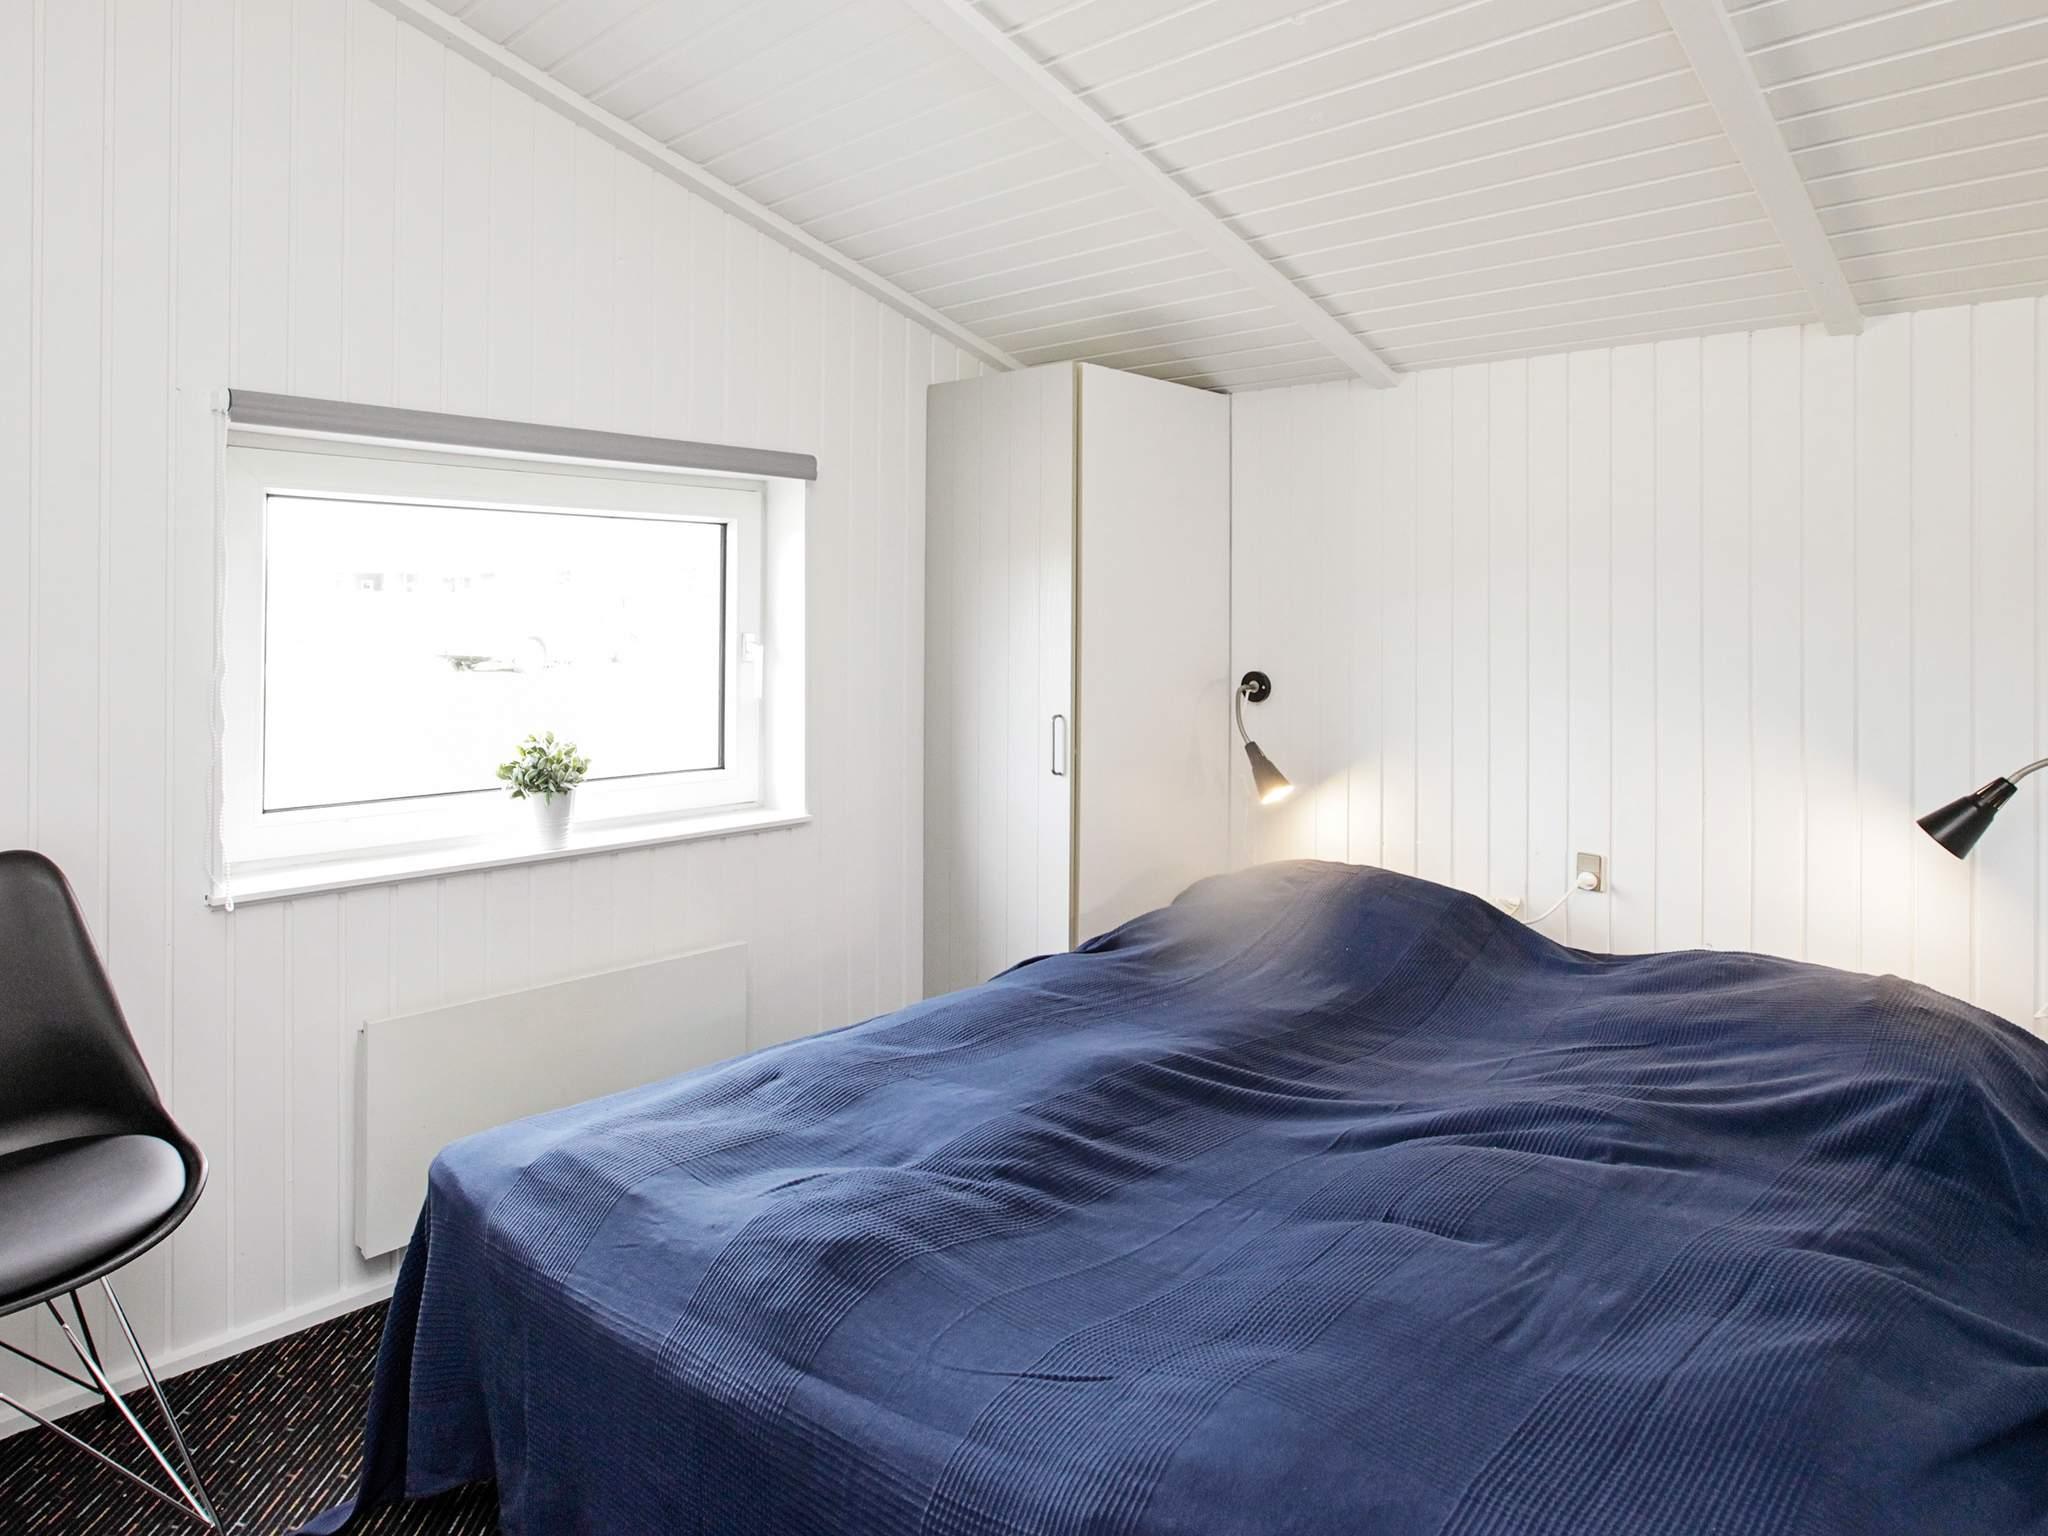 Ferienhaus Vejers Strand (84782), Vejers Strand, , Westjütland, Dänemark, Bild 10